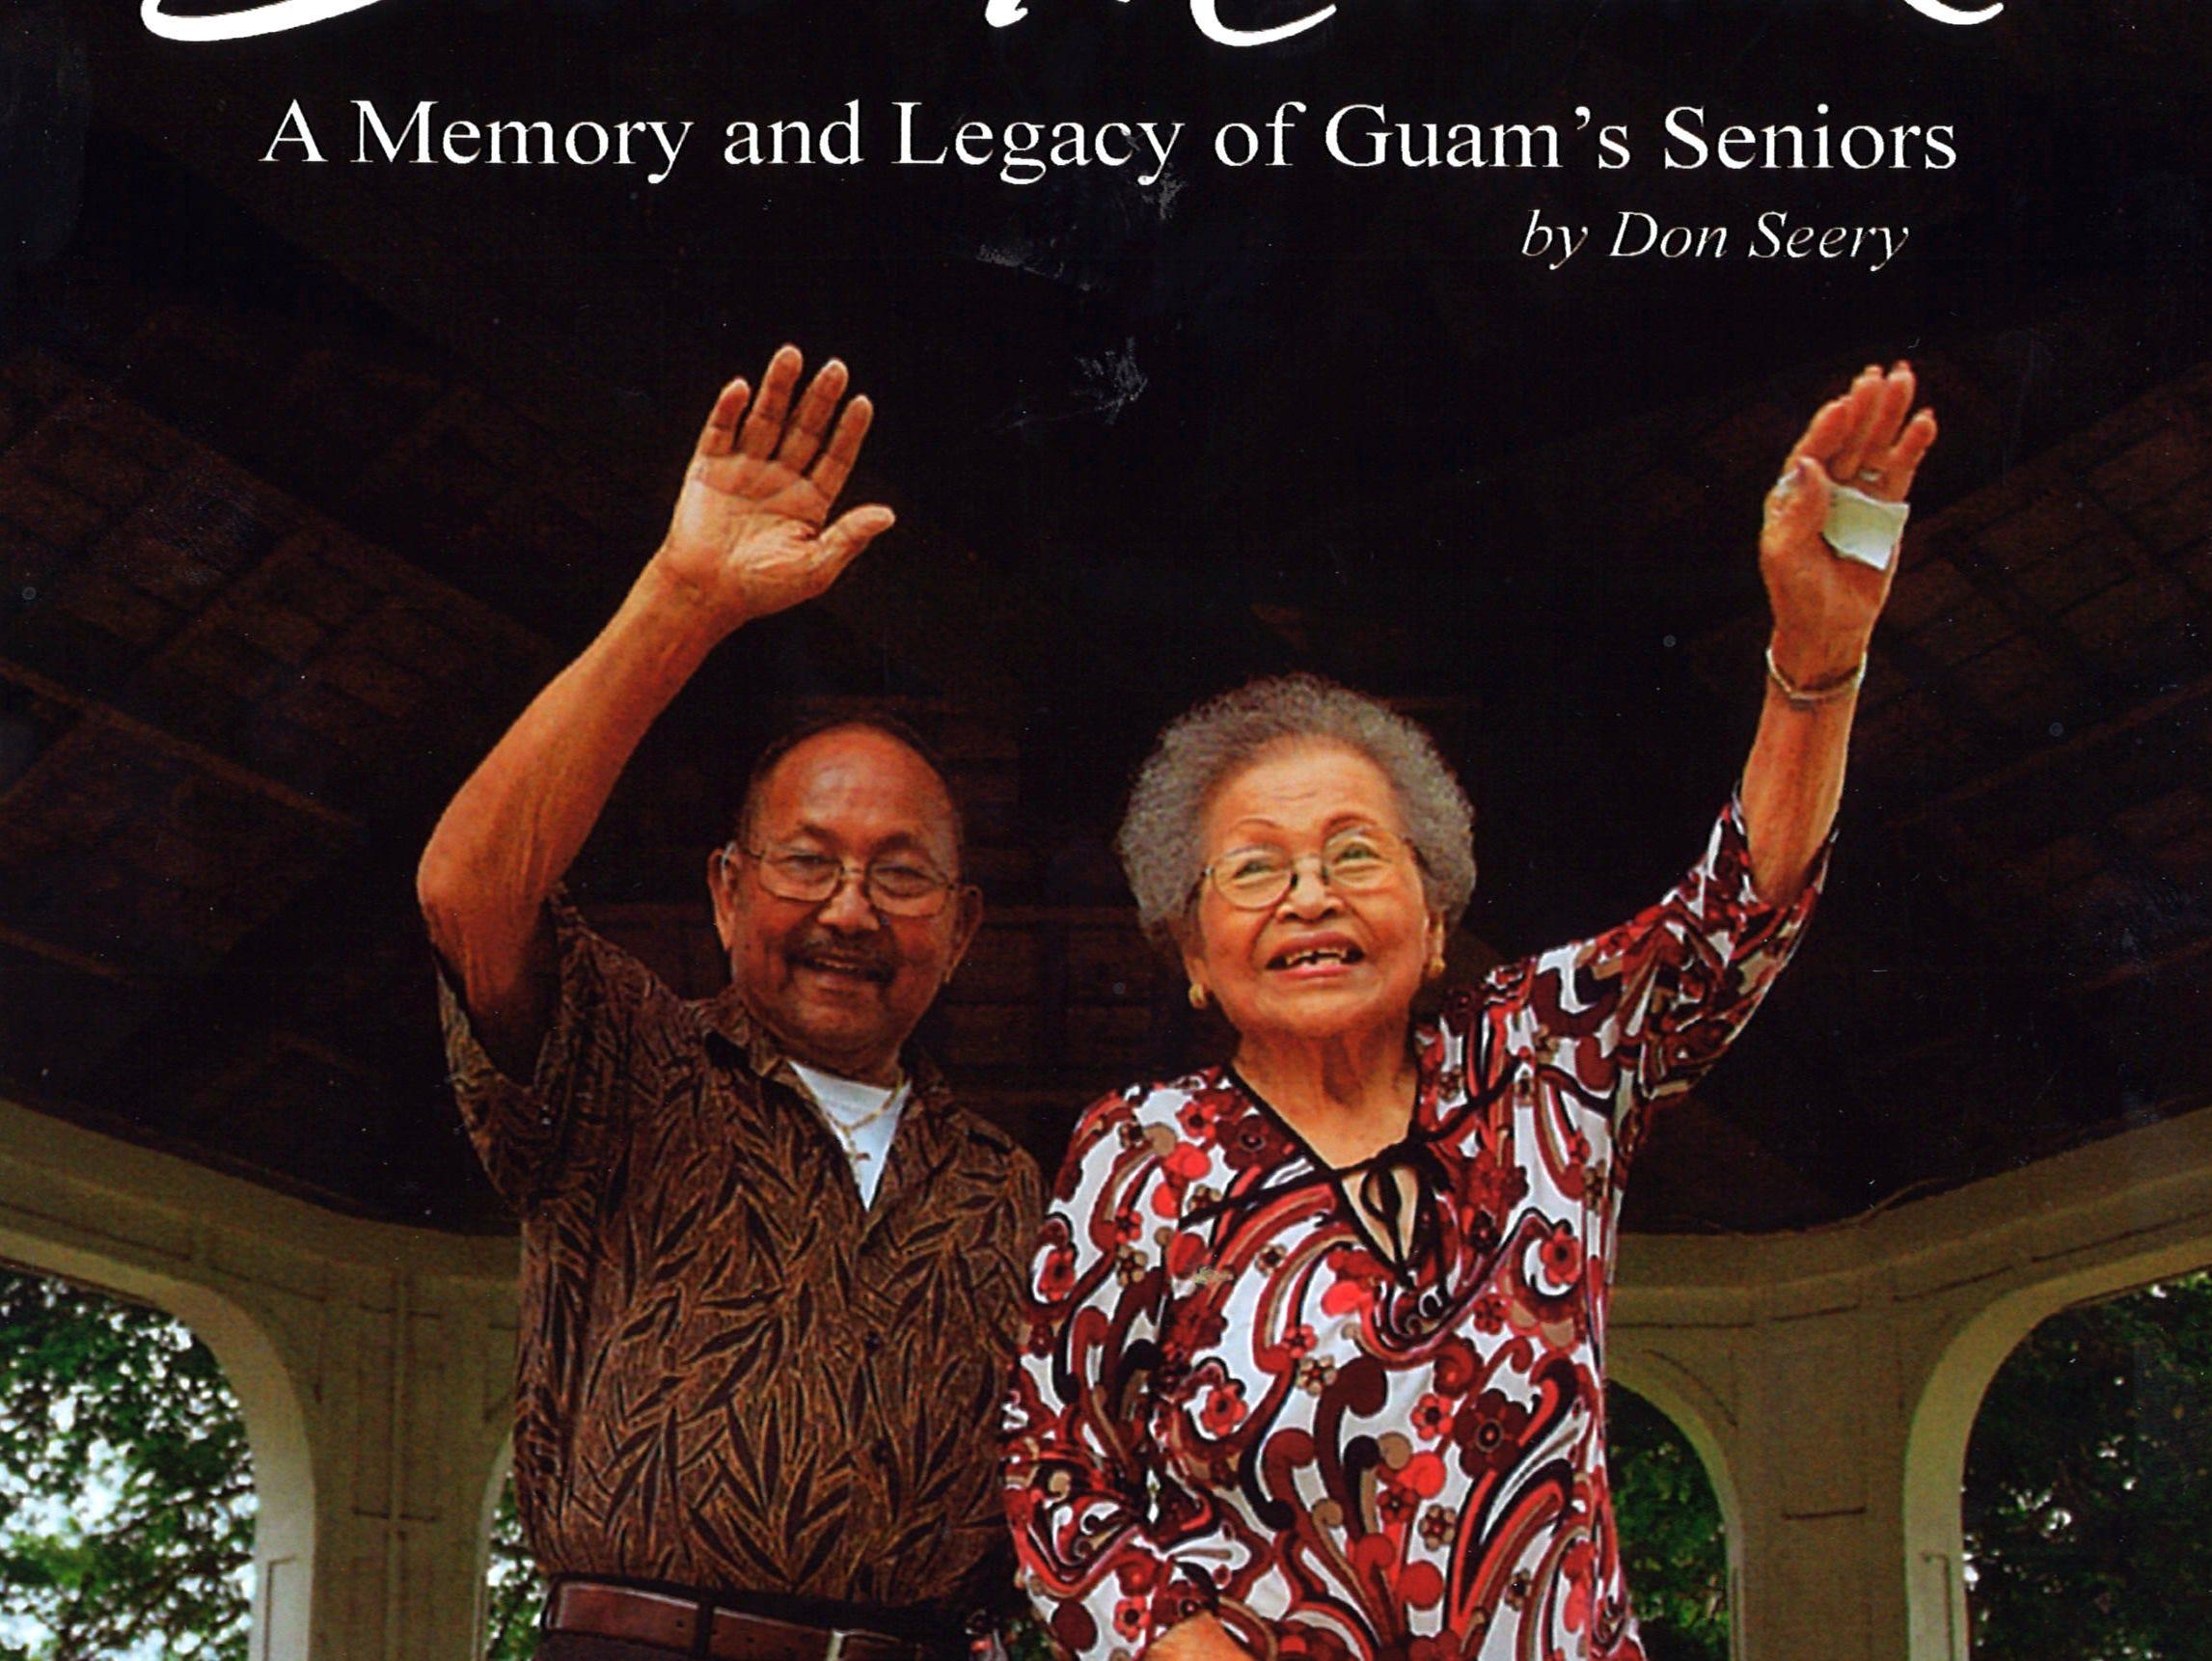 Book honors island's manamko'